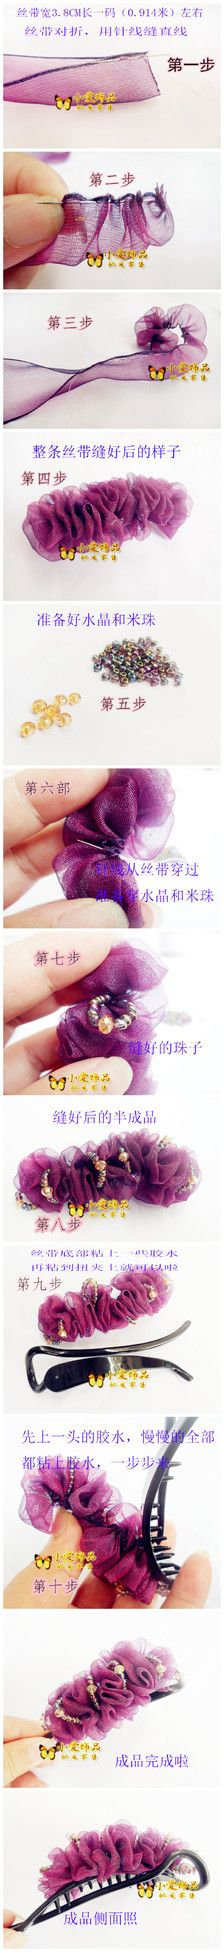 Mimi head flower _ Ang Wang Voices - warm Photo Album - heap sugar